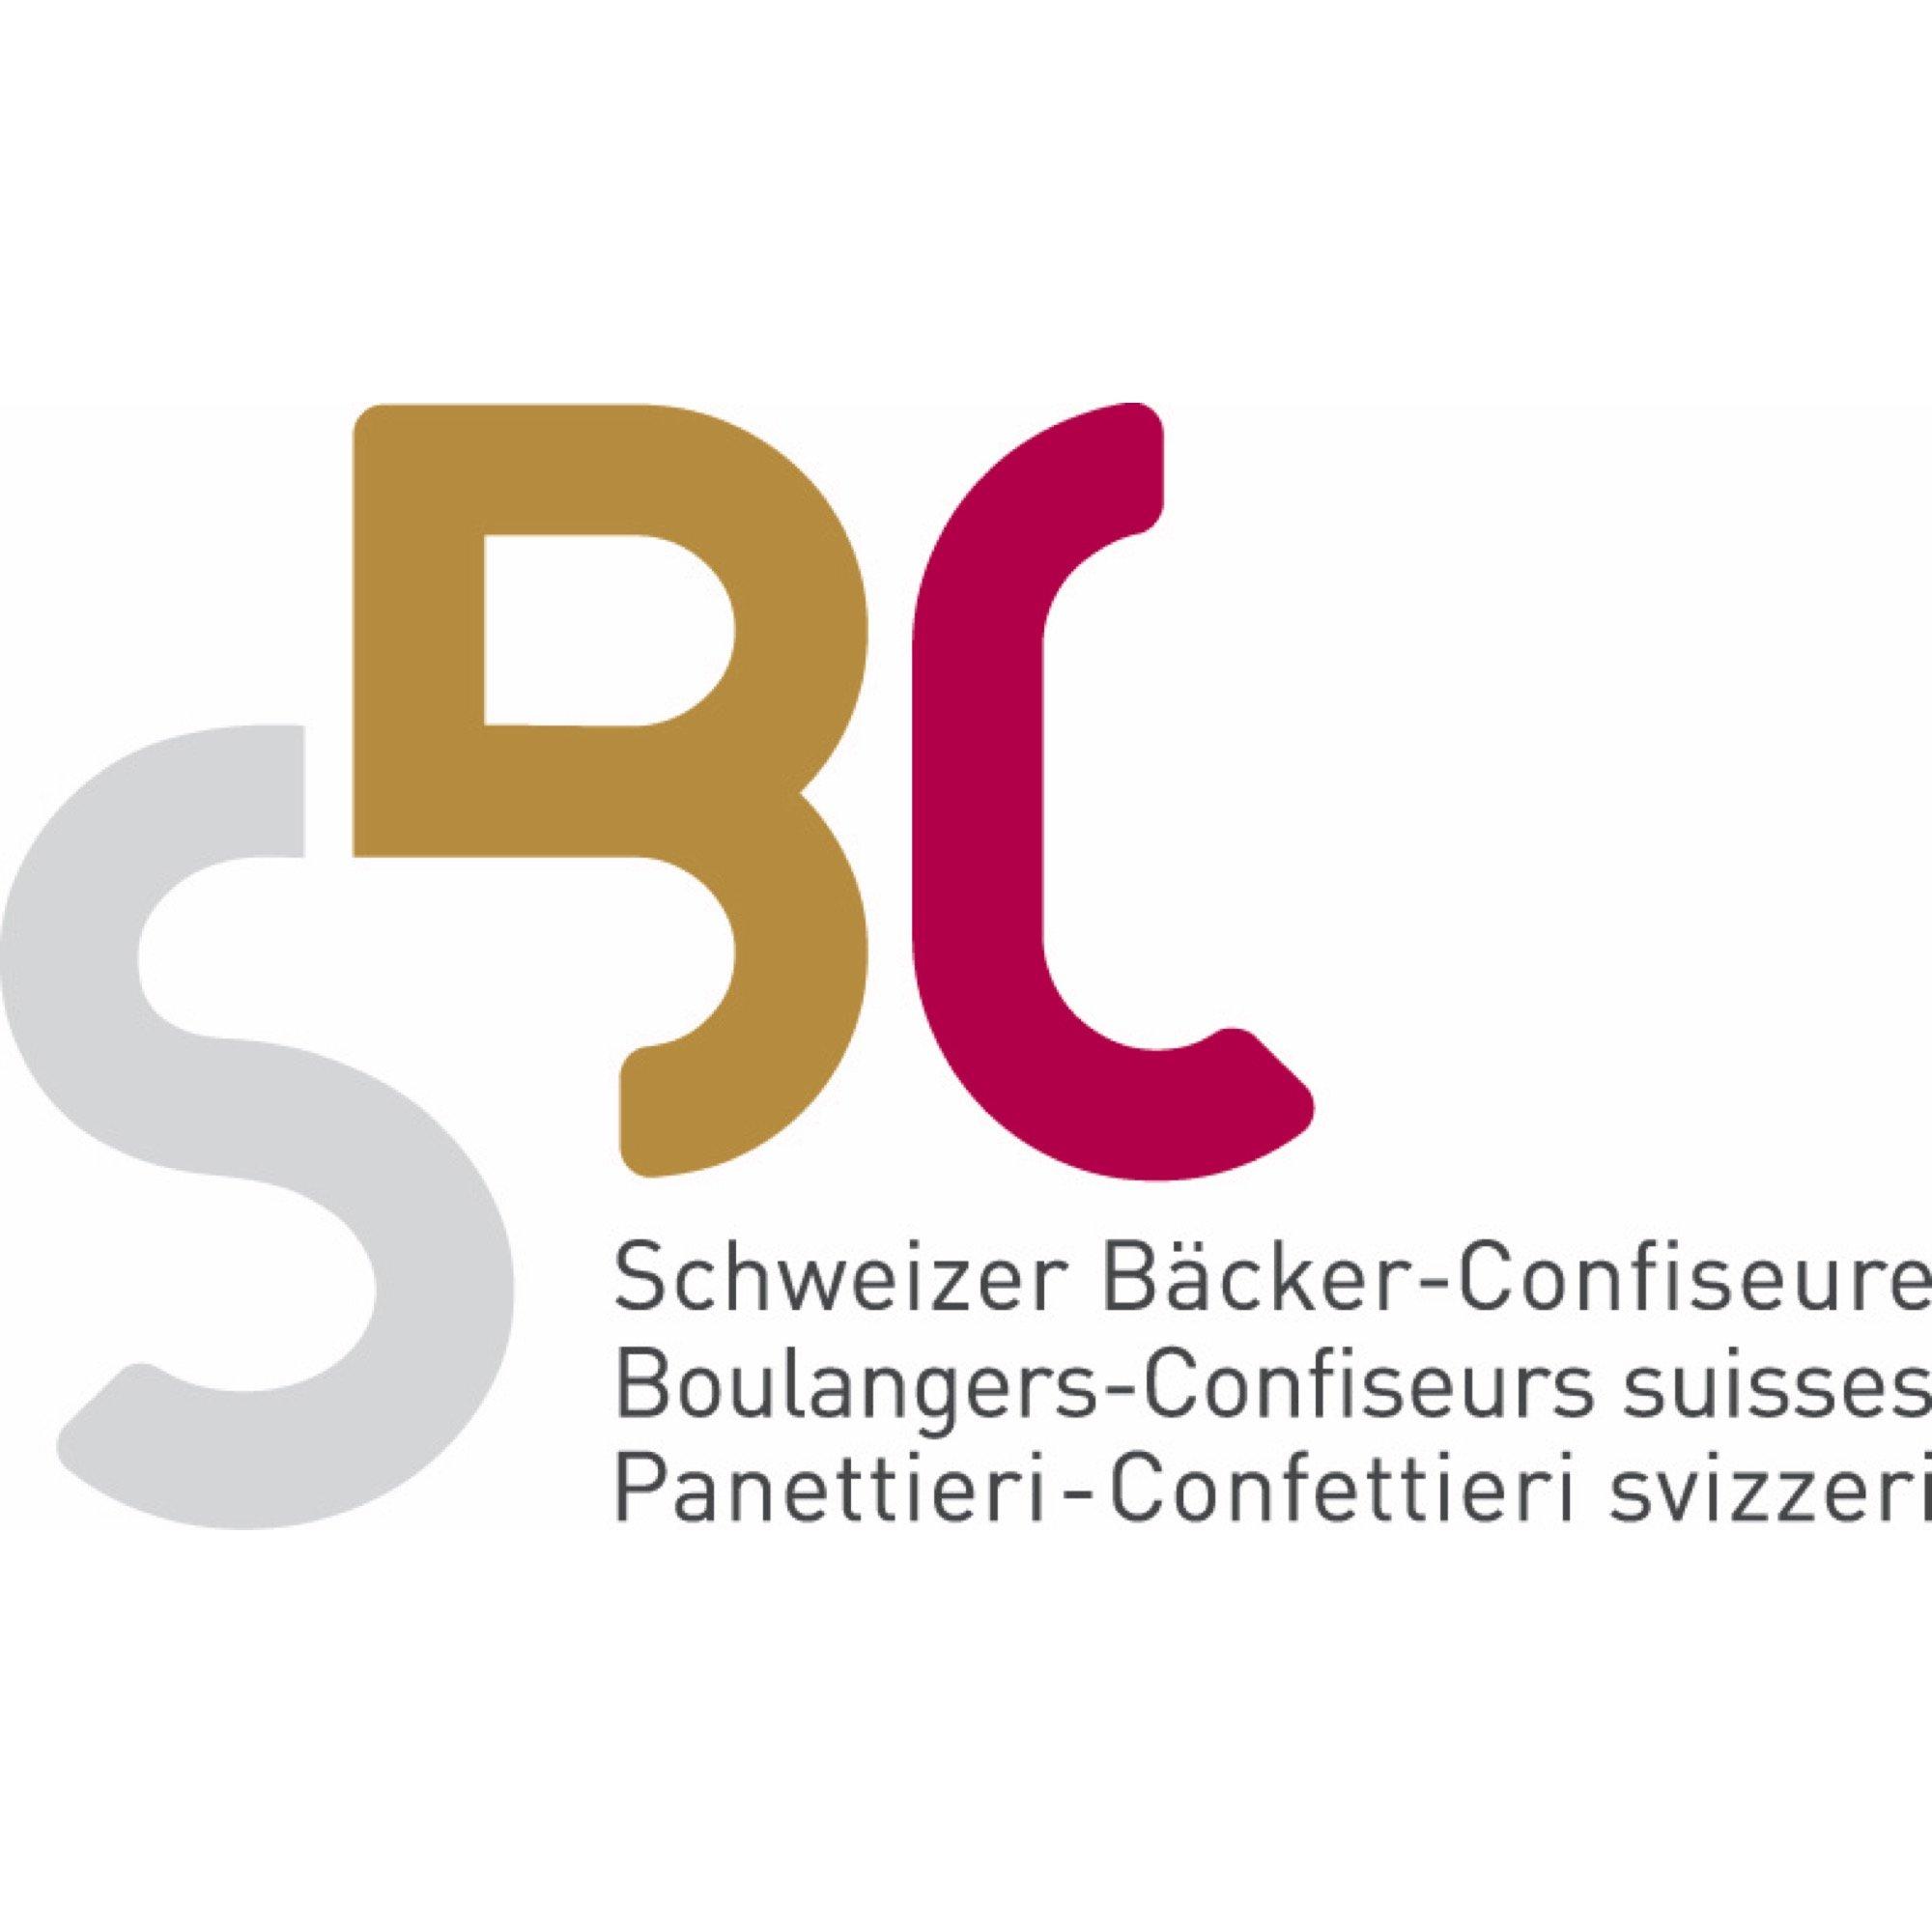 Boulangers-Pâtissiers-Confiseurs suisses